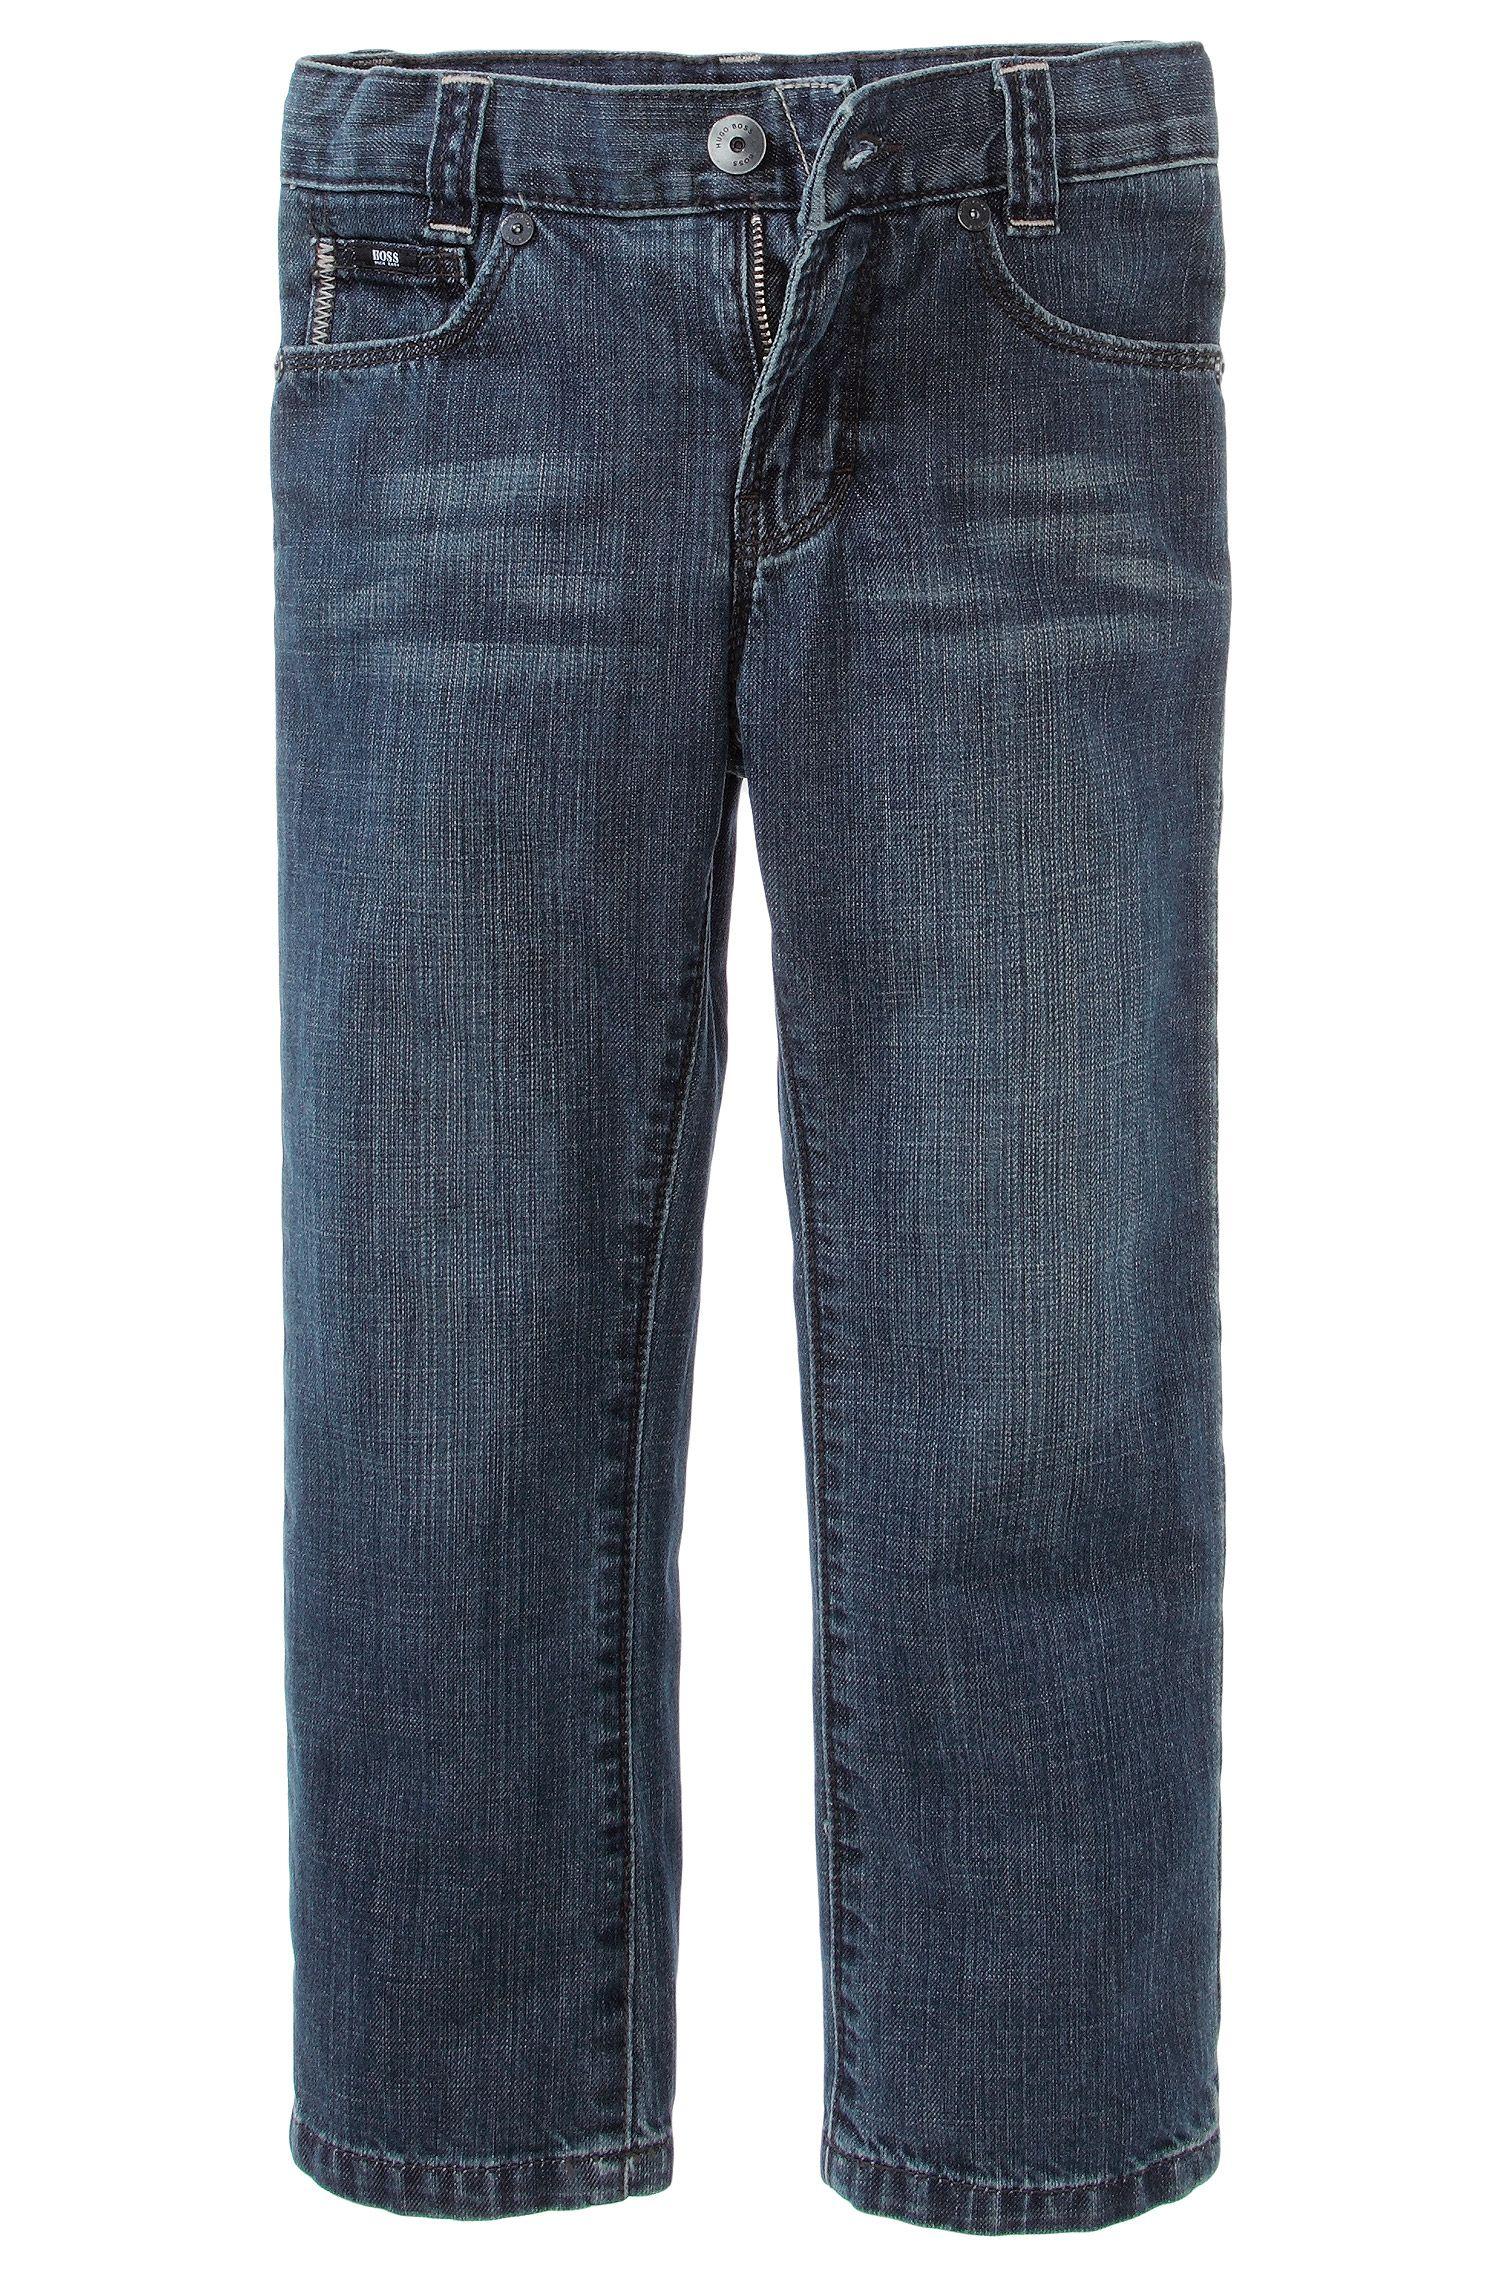 'J24244' | Boys Cotton Jeans